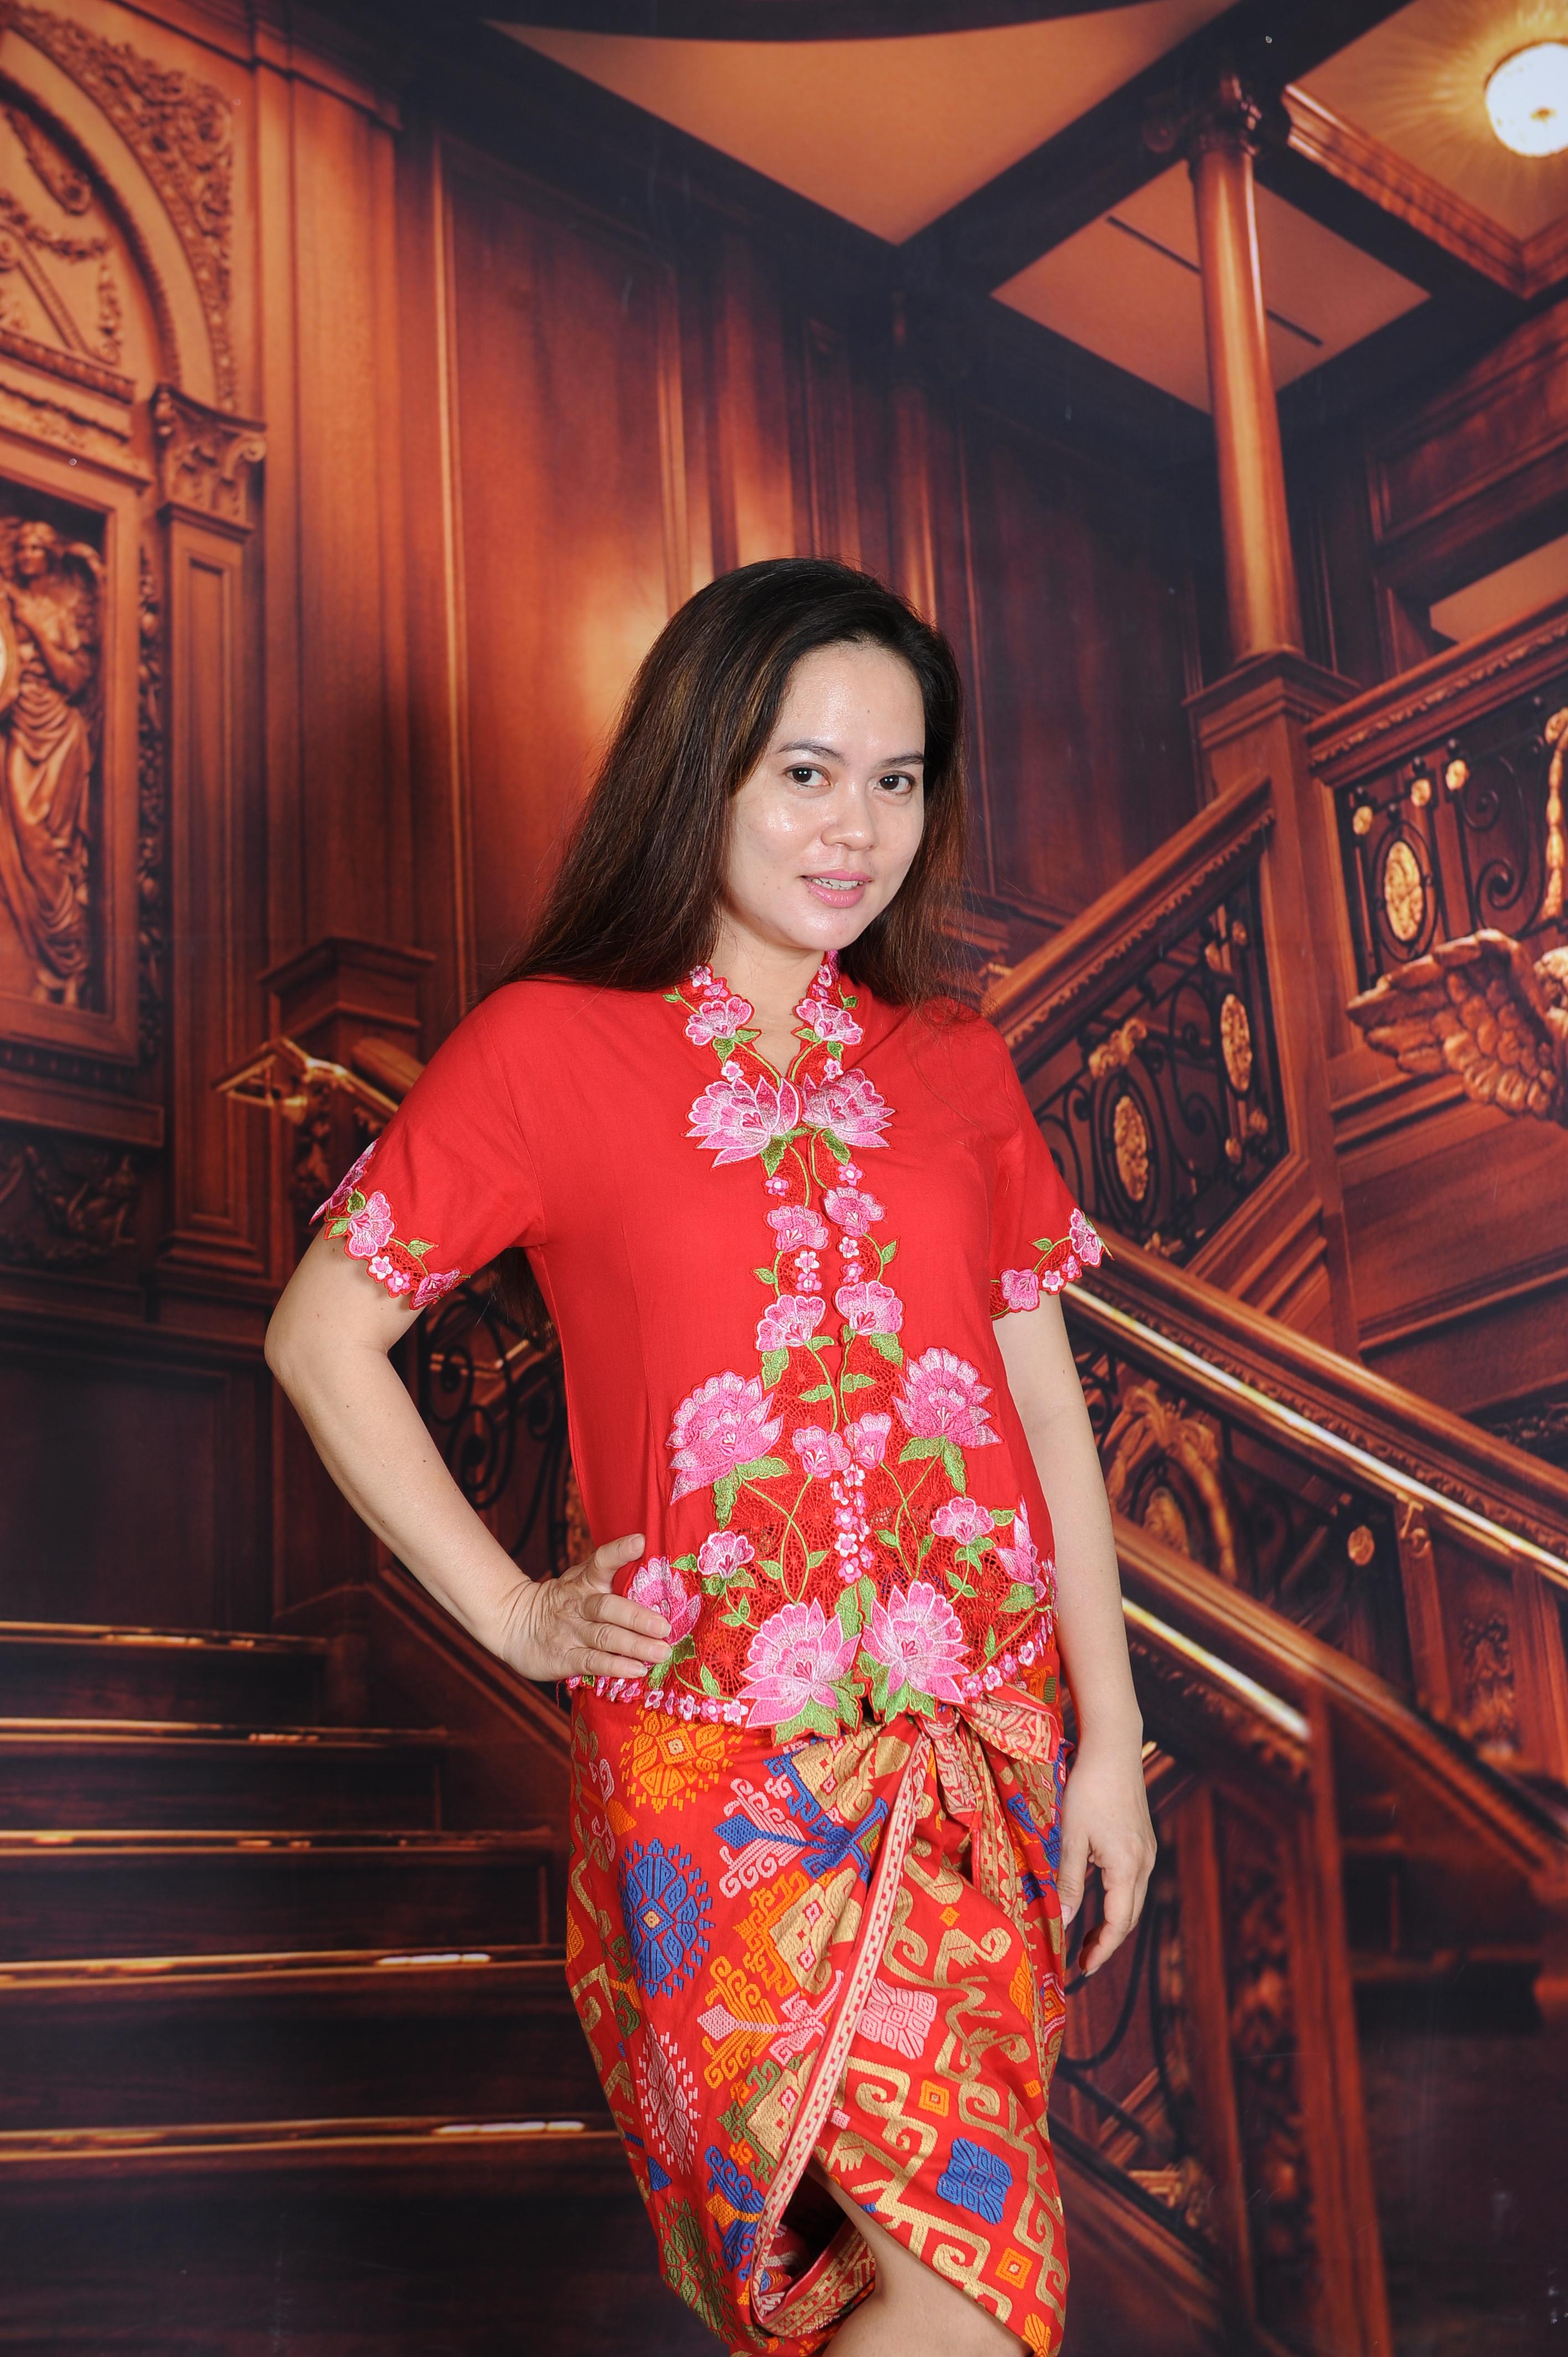 Sekolah Ballet Marlupi - Lim Siu Li